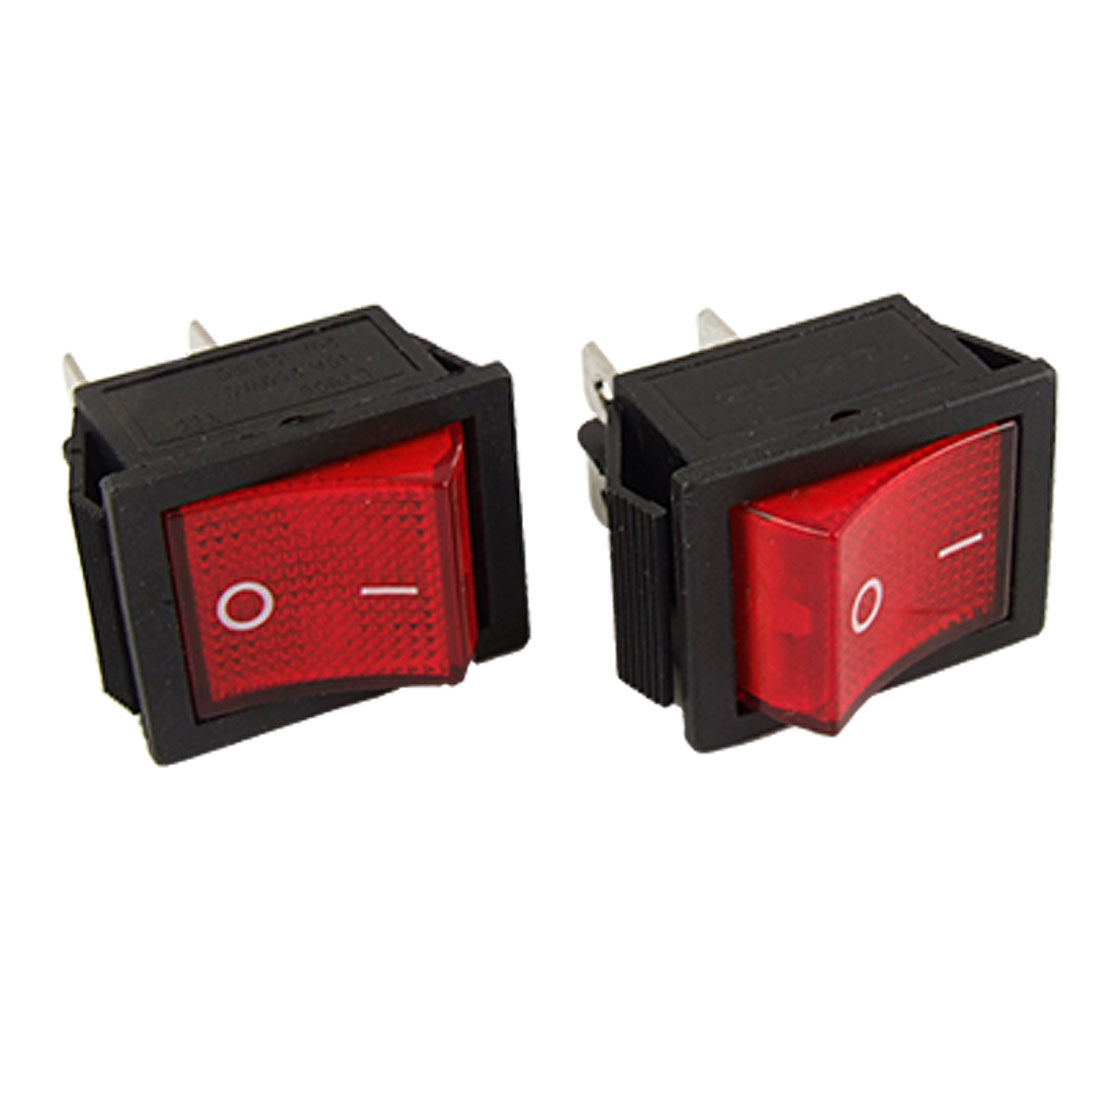 2 x AC 16A/250V 20A/125V Red Light ON/OFF I/O DPST Snap in Boat Rocker Switch